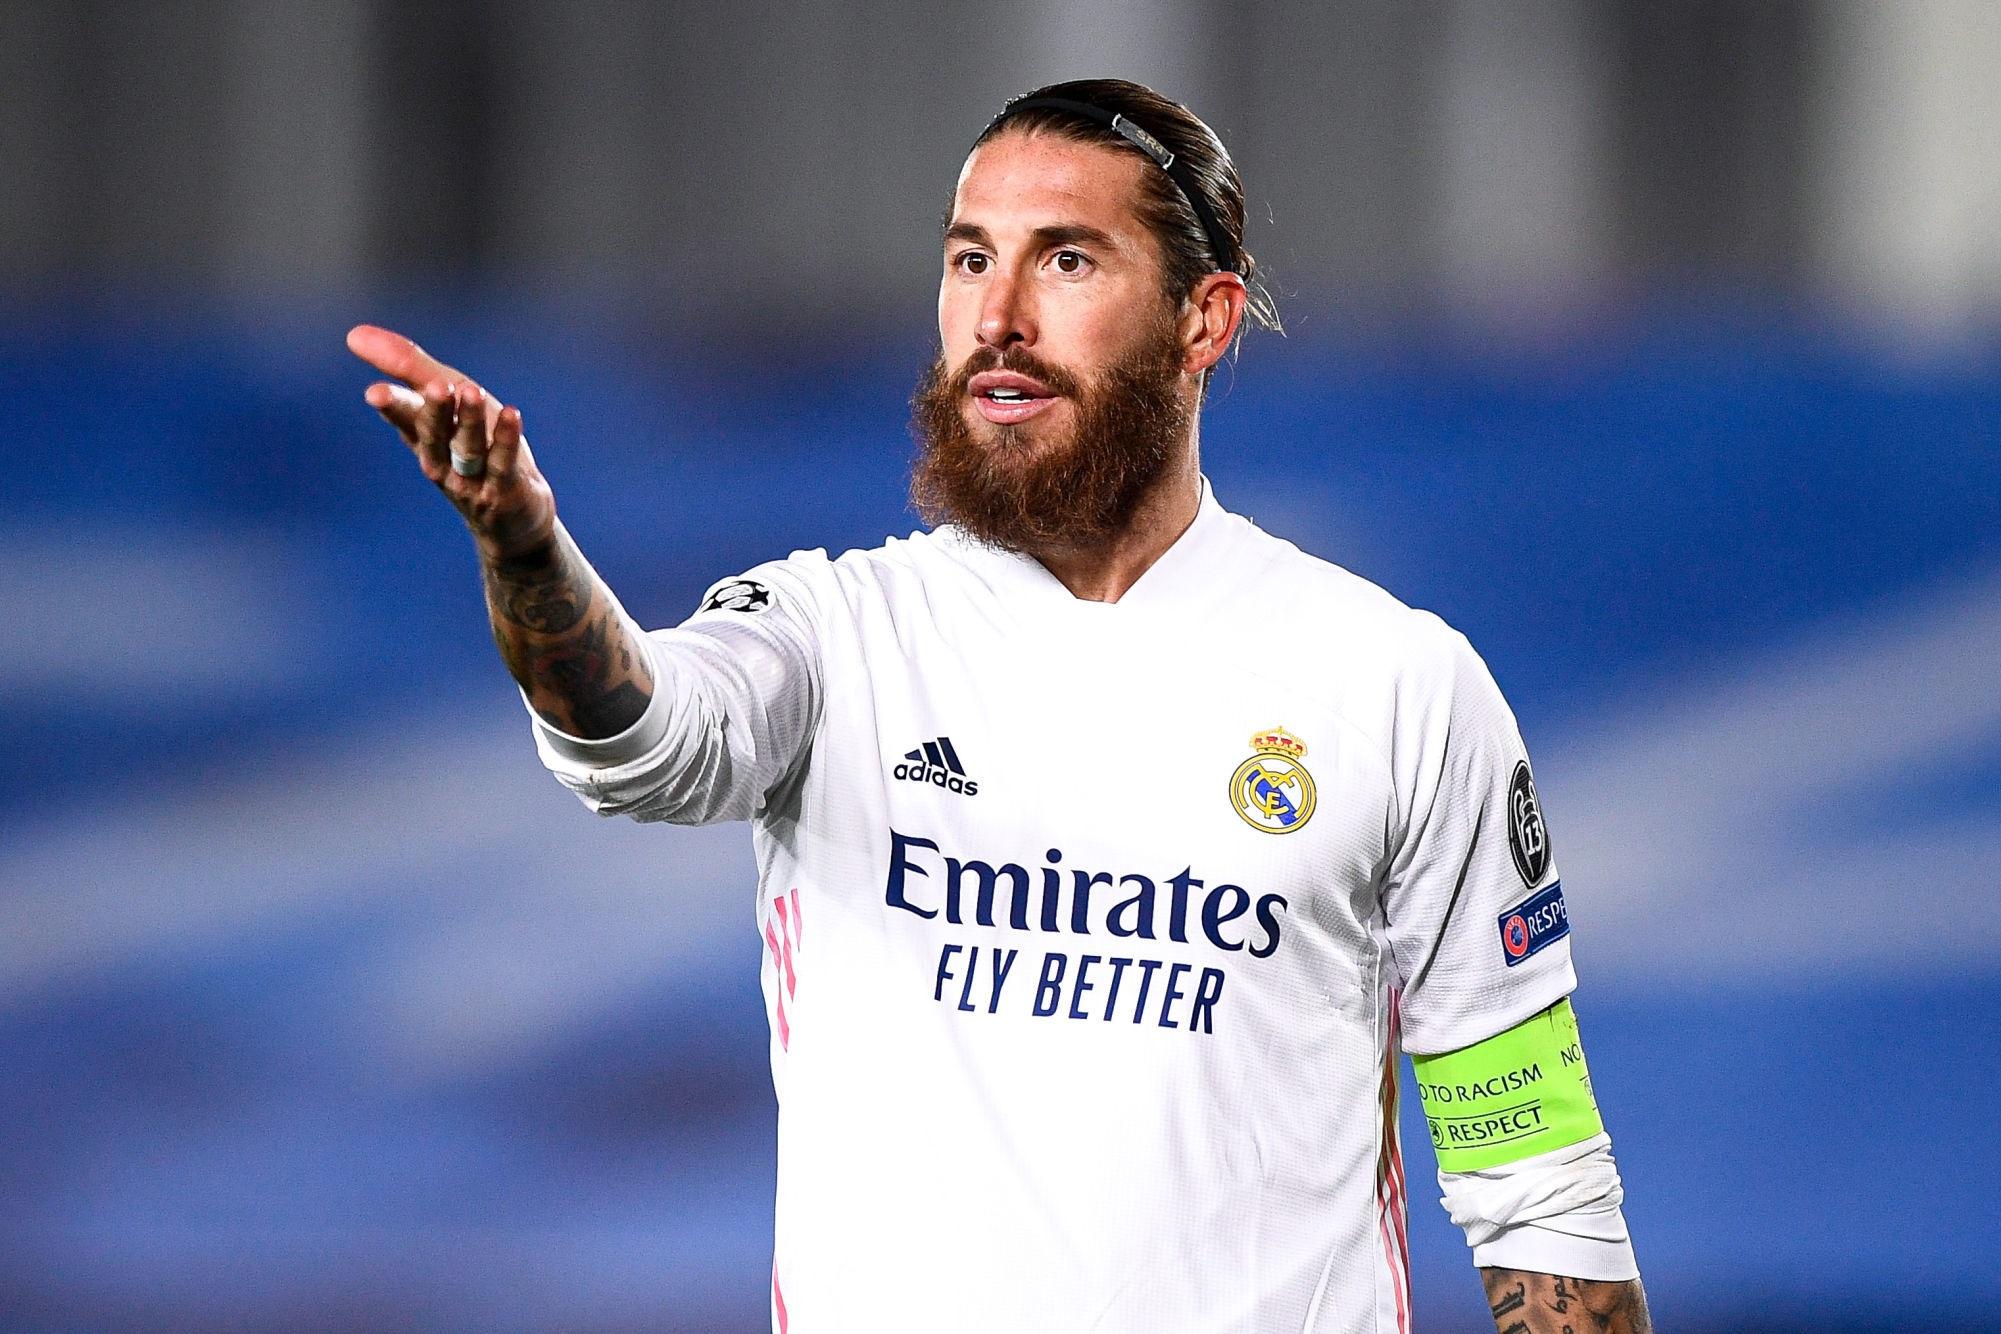 Mercato - Sergio Ramos, le PSG a proposé 15 millions par an sur 3 saisons avance Onda Cero